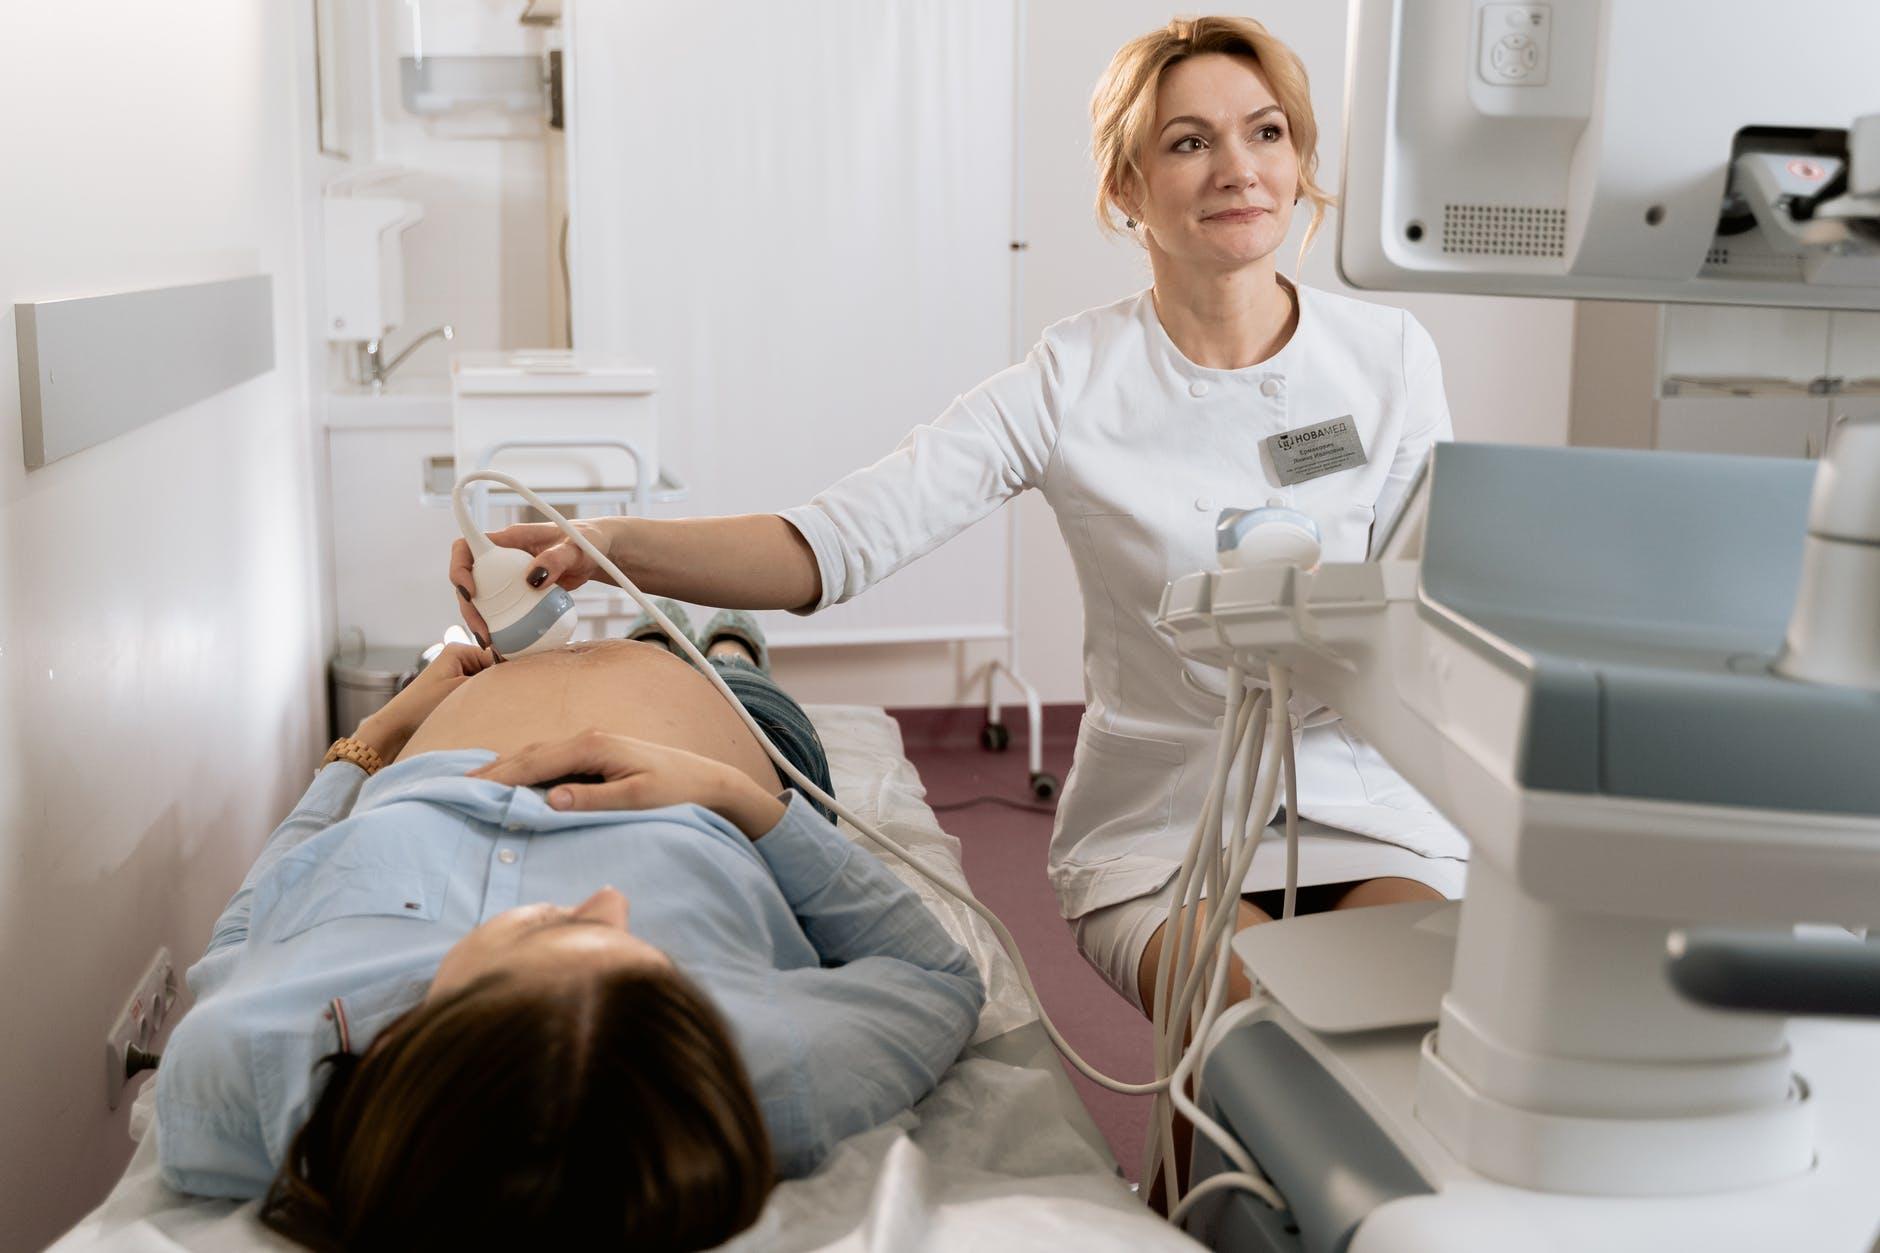 беременная УЗИ врач